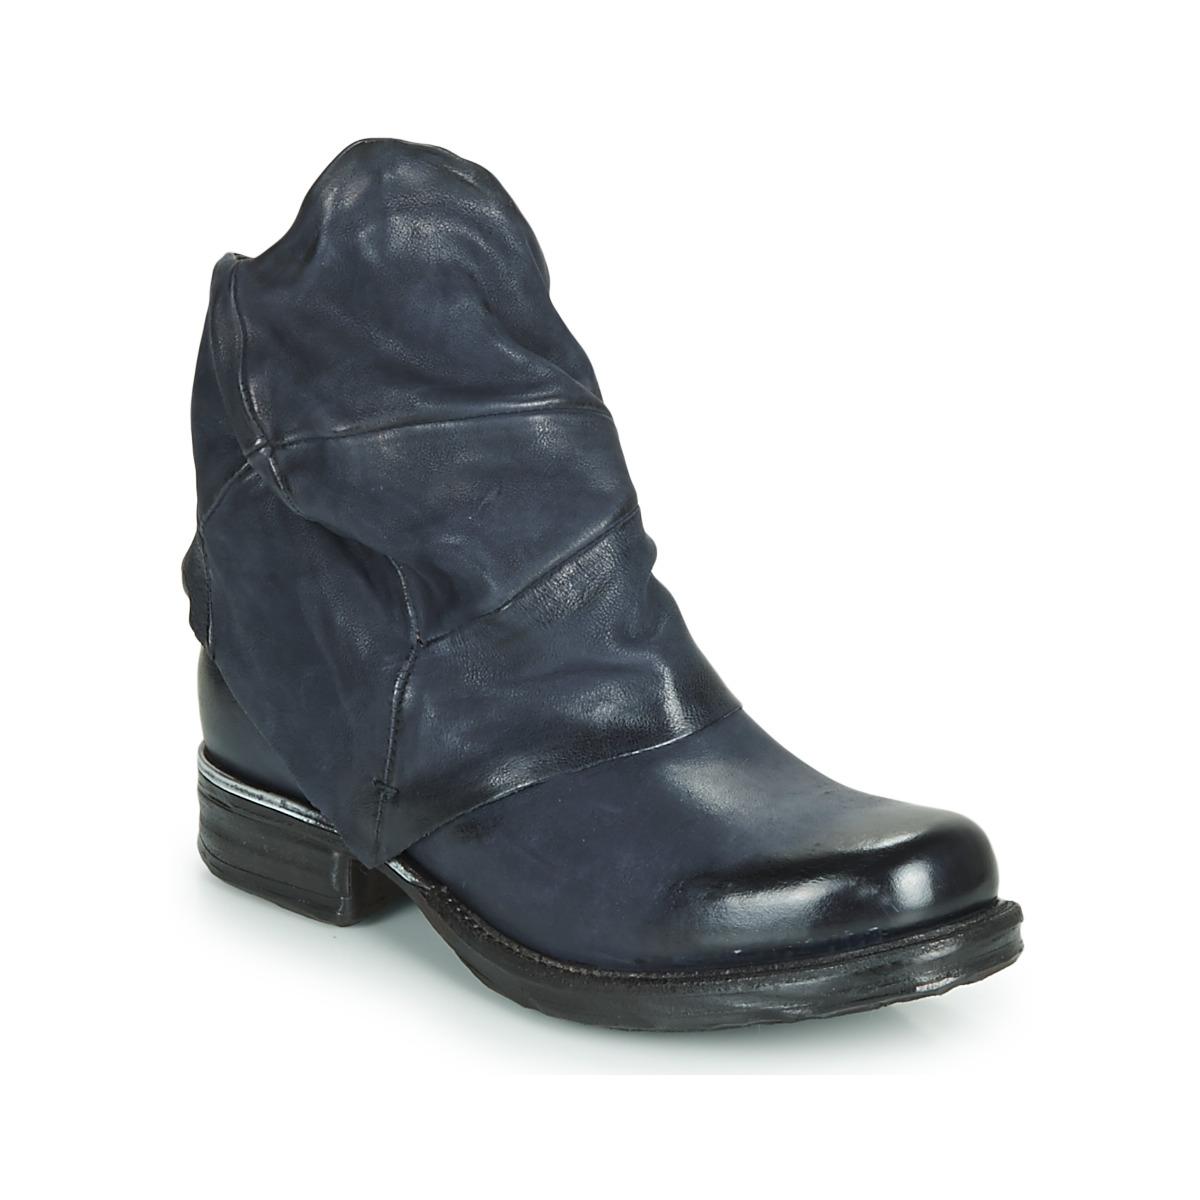 Støvler Airstep / A.S.98  SAINT METAL